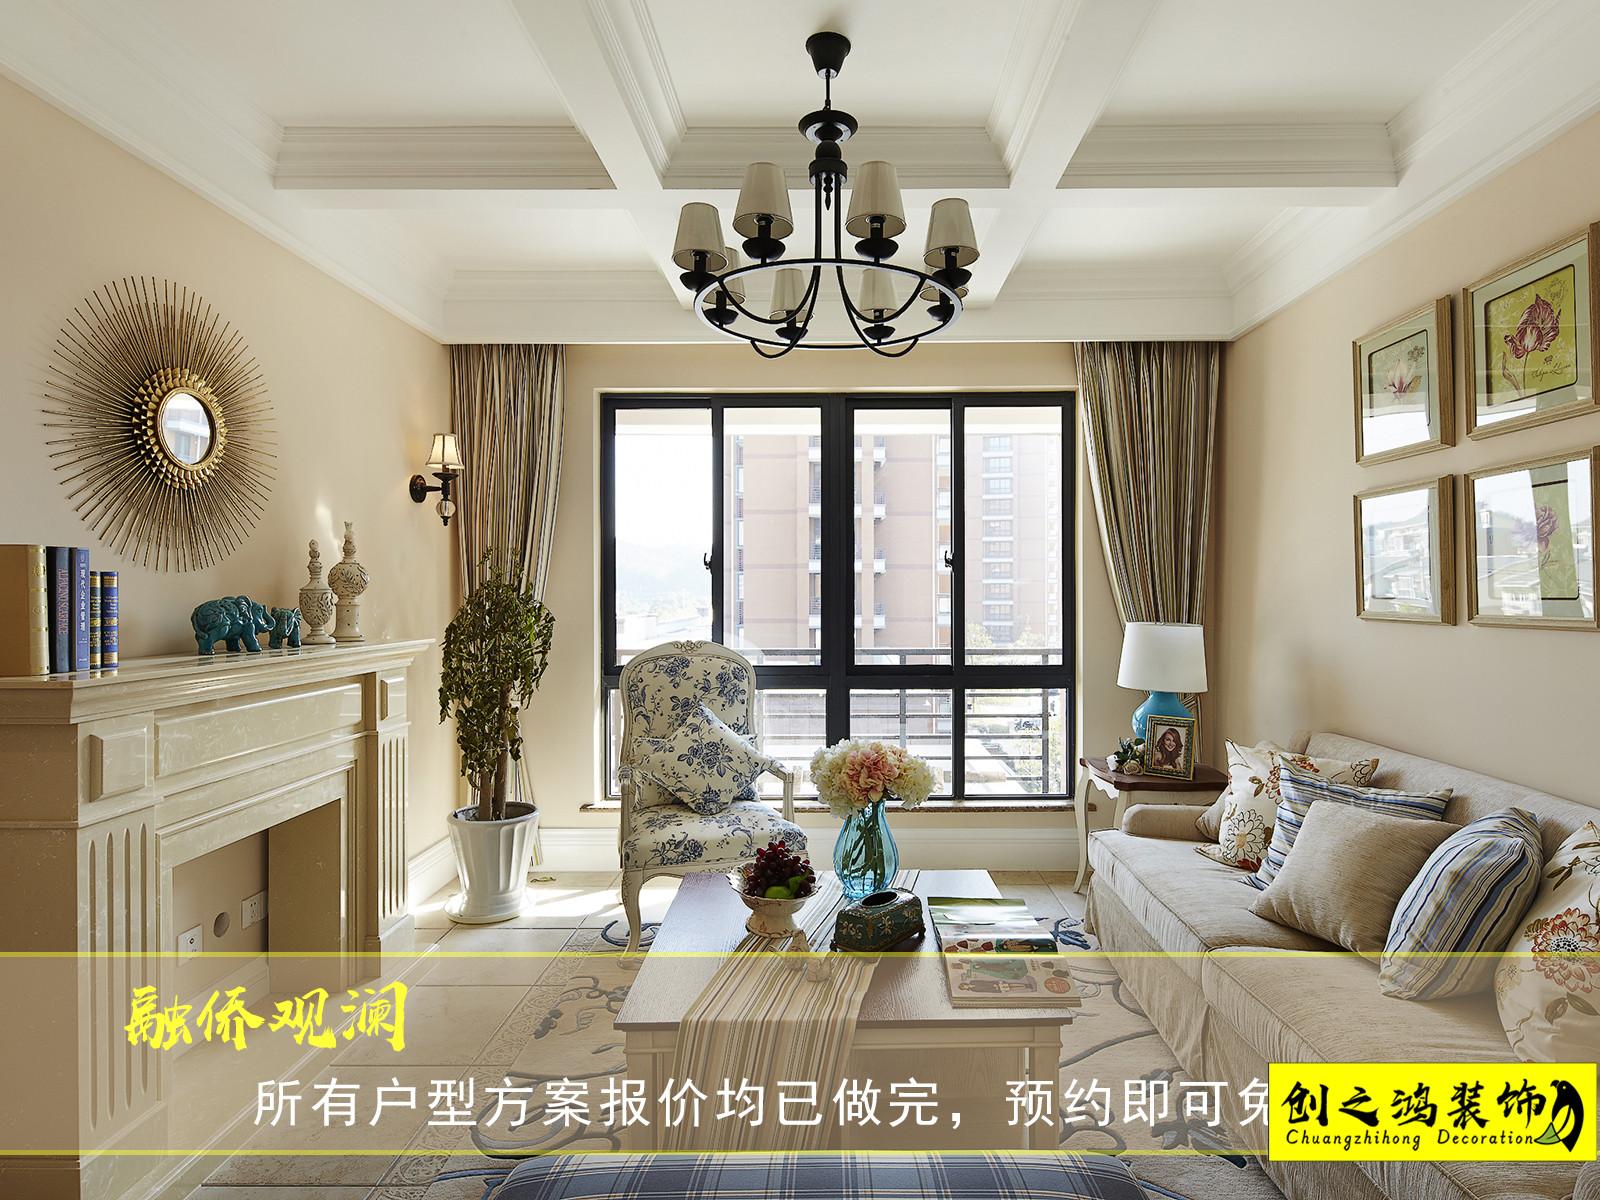 126㎡融侨观澜三室两厅美式风格装修效果图